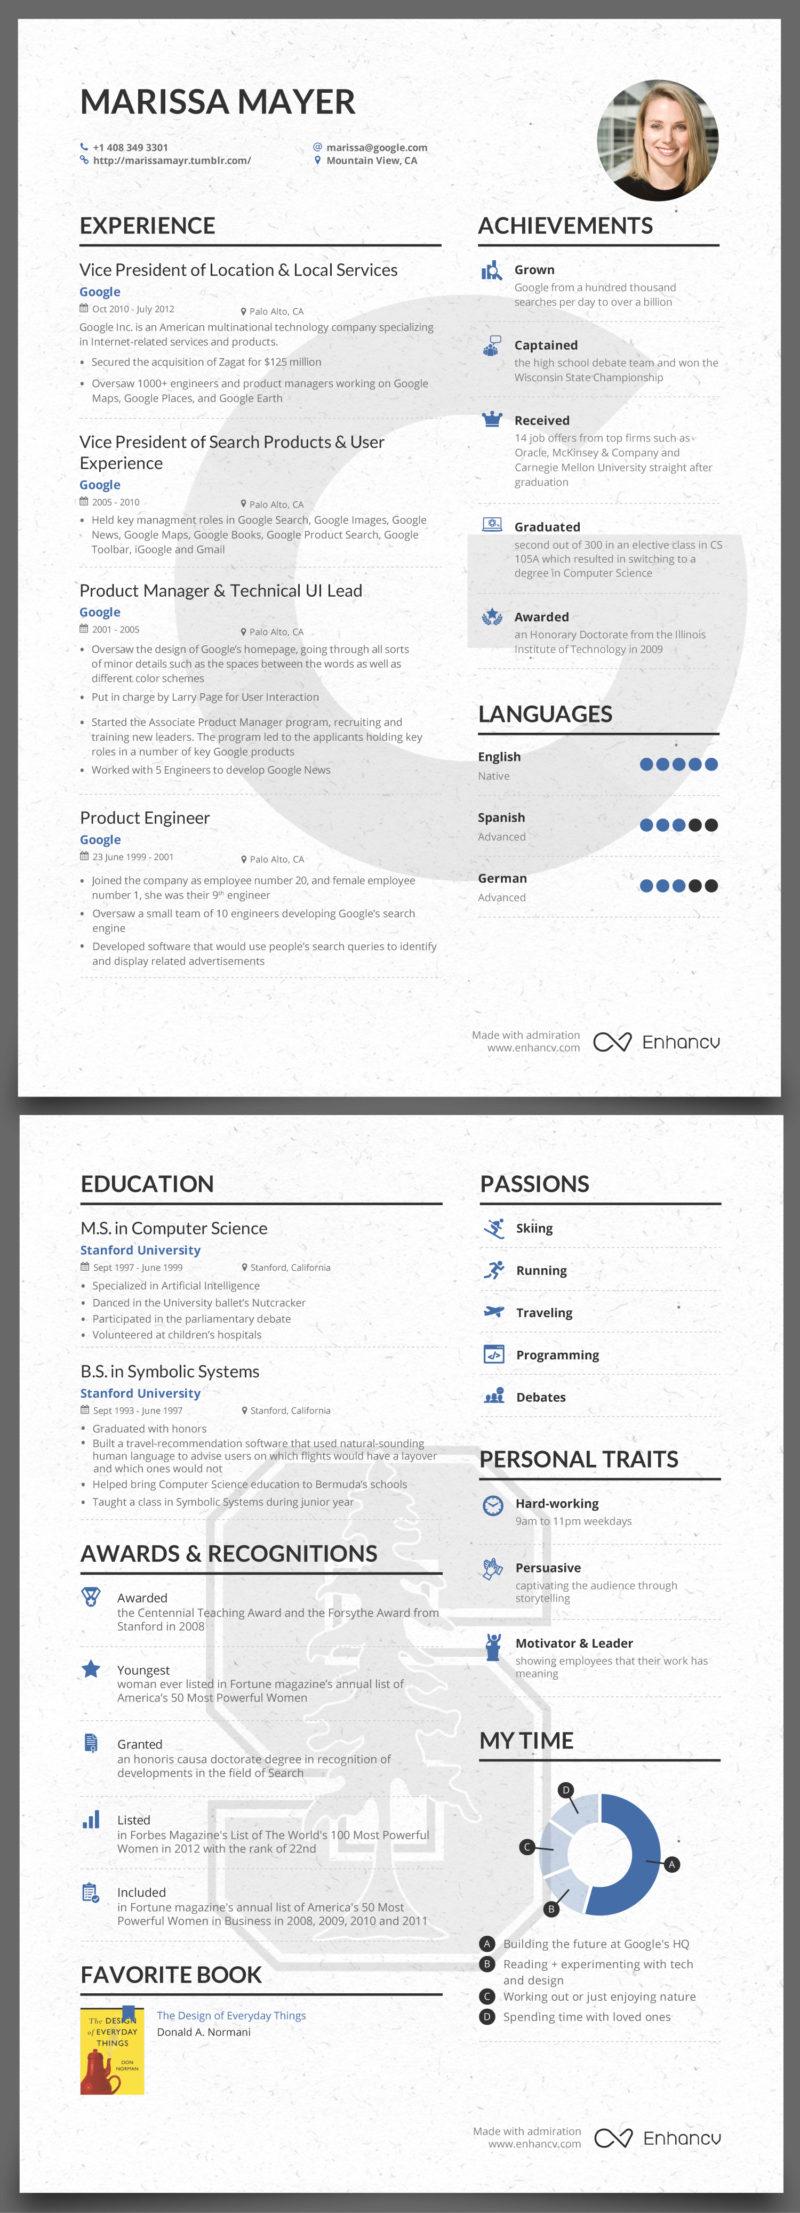 7 Secrets of Great Résumés | Digital Talent Recruiters